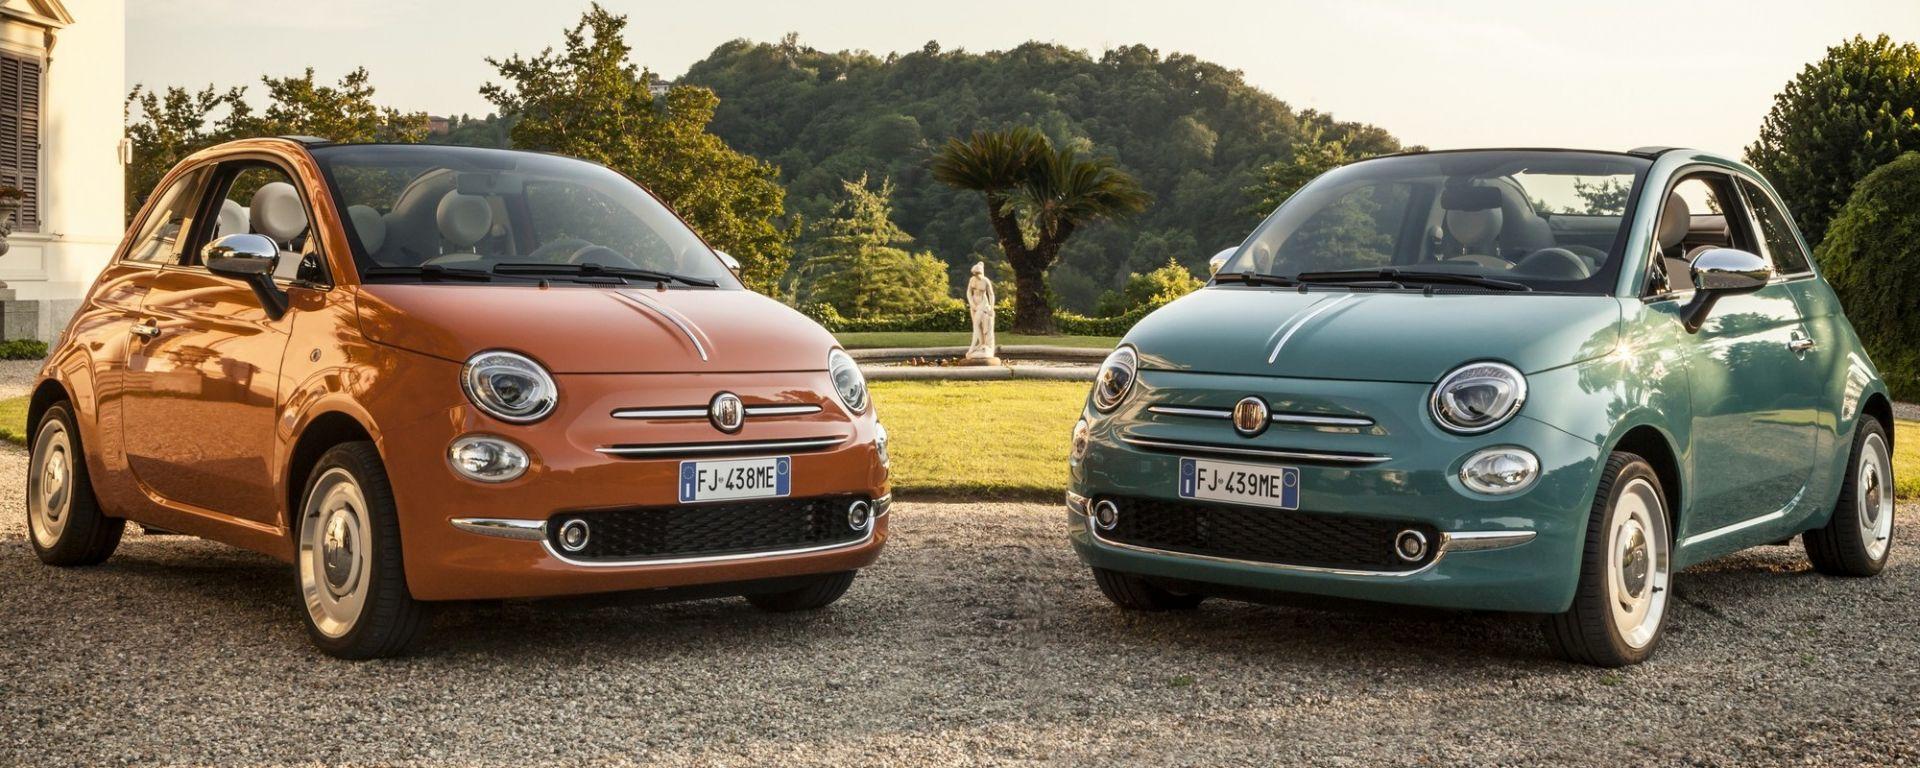 Fiat 500 Anniversario Una Serie Limitata Per I 60 Anni Motorbox